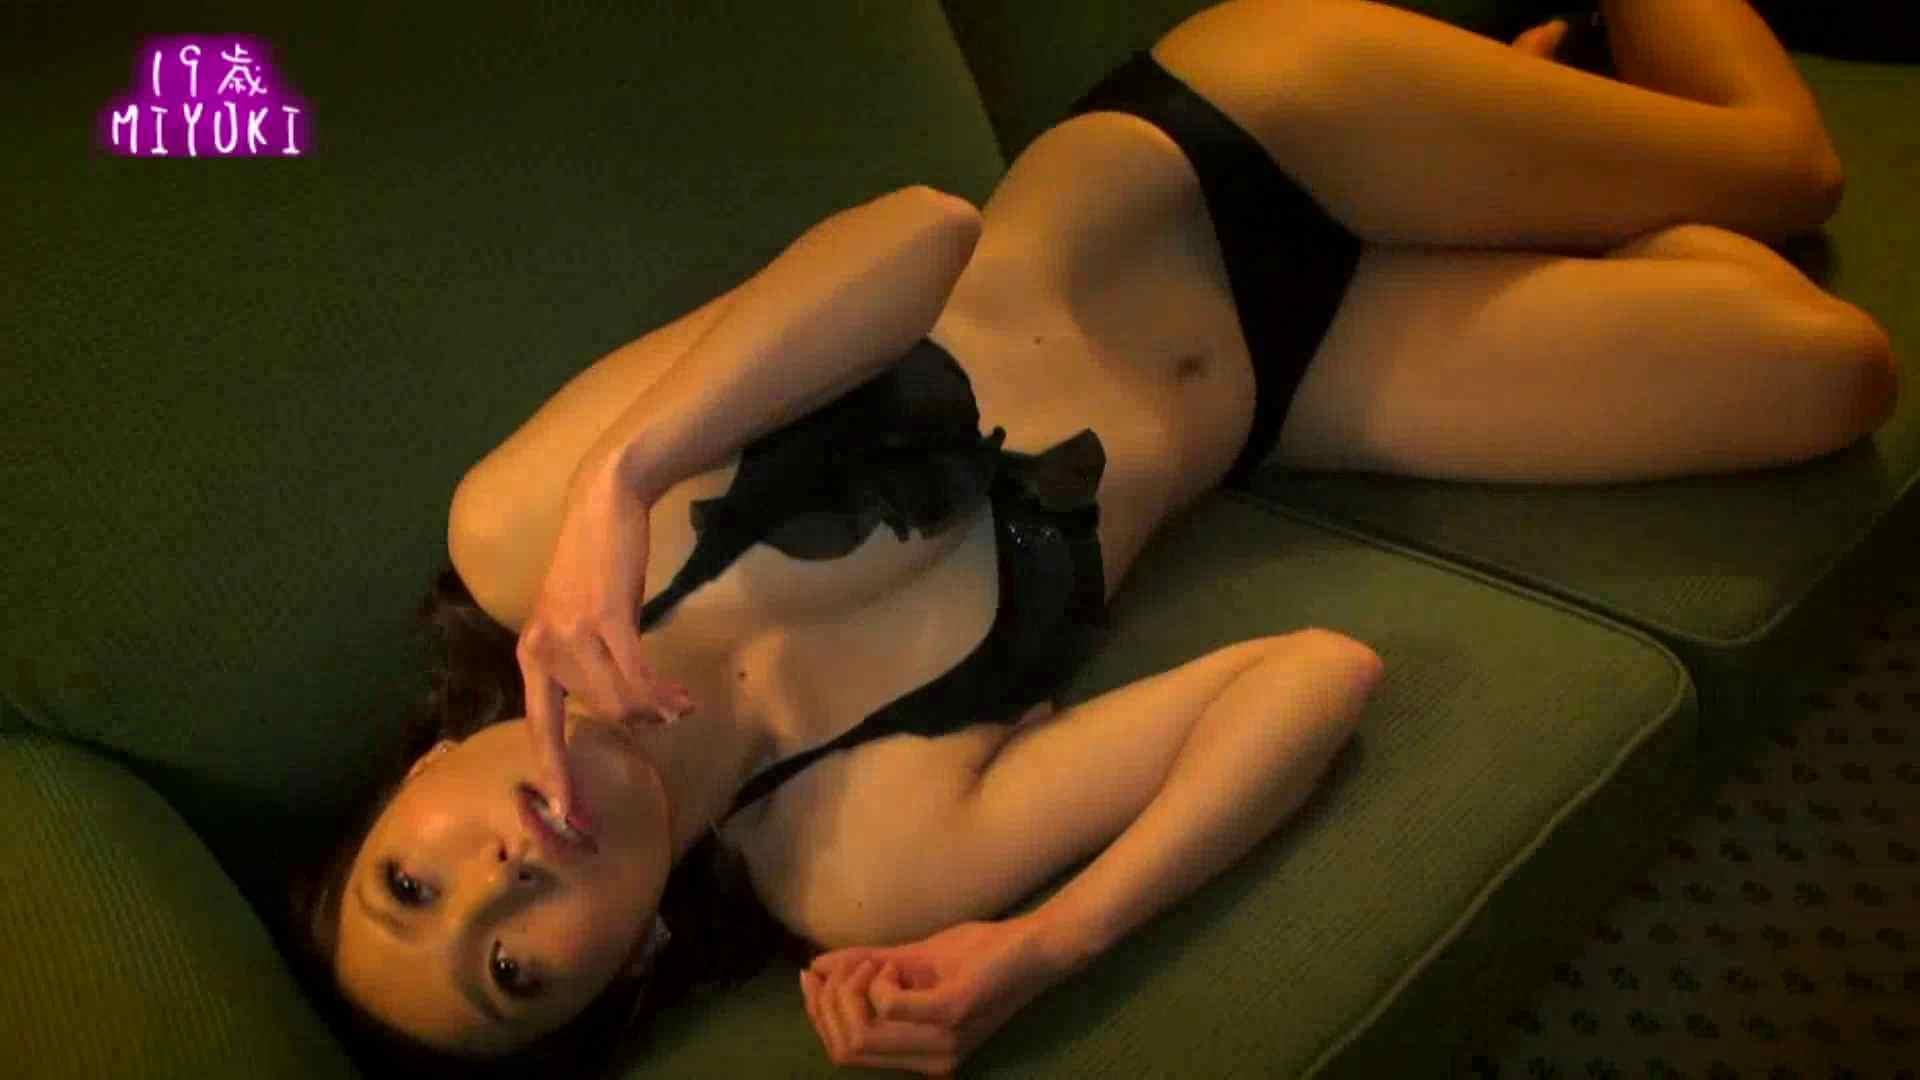 カメラテストを兼ねて、MIYUKIちゃんのイメージ撮影 素人 えろ無修正画像 37連発 5